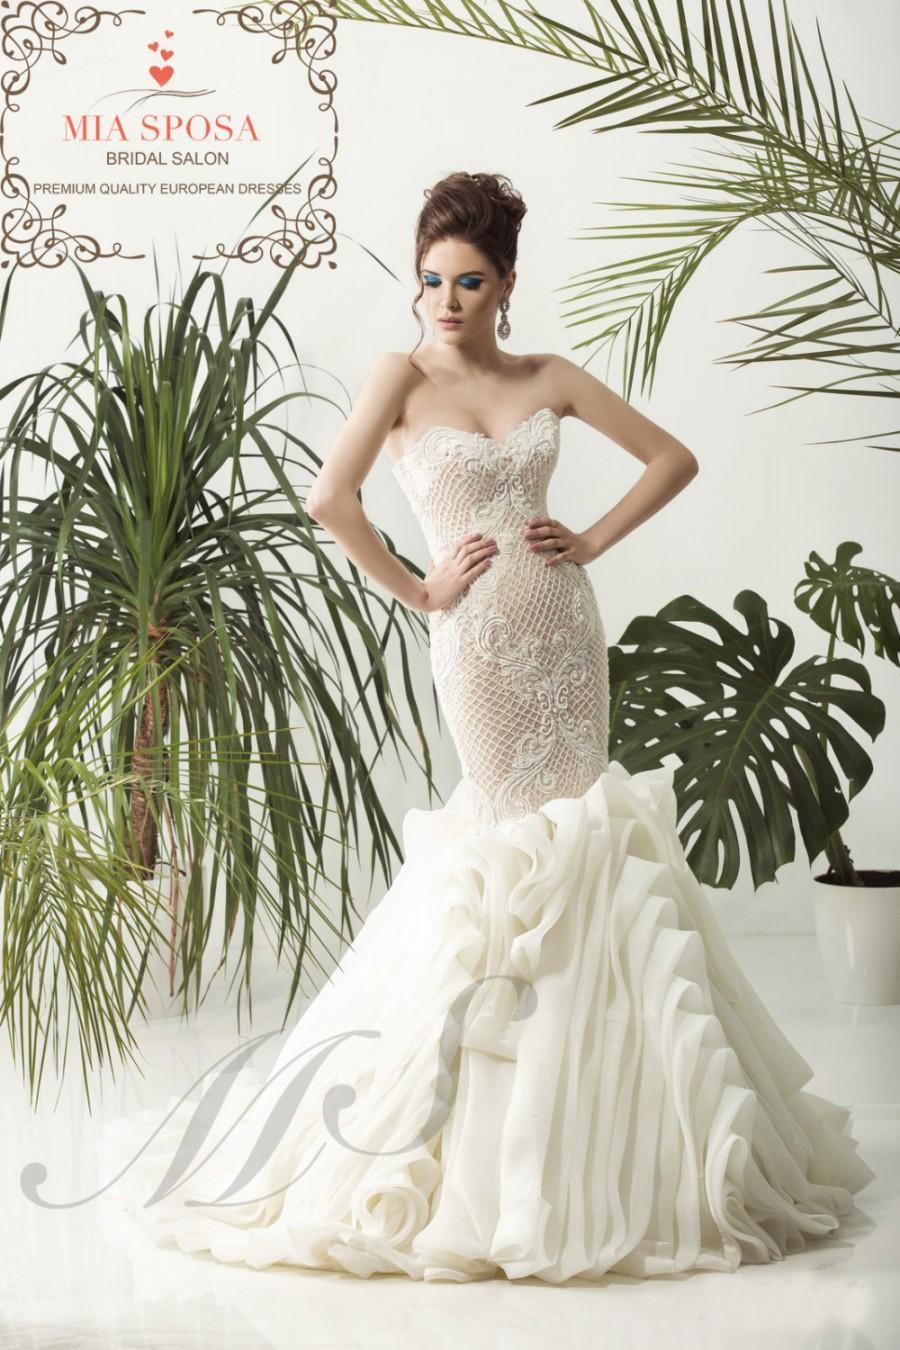 Wedding - Mermaid wedding dress, bridal dress, beach wedding dress, destination wedding dress